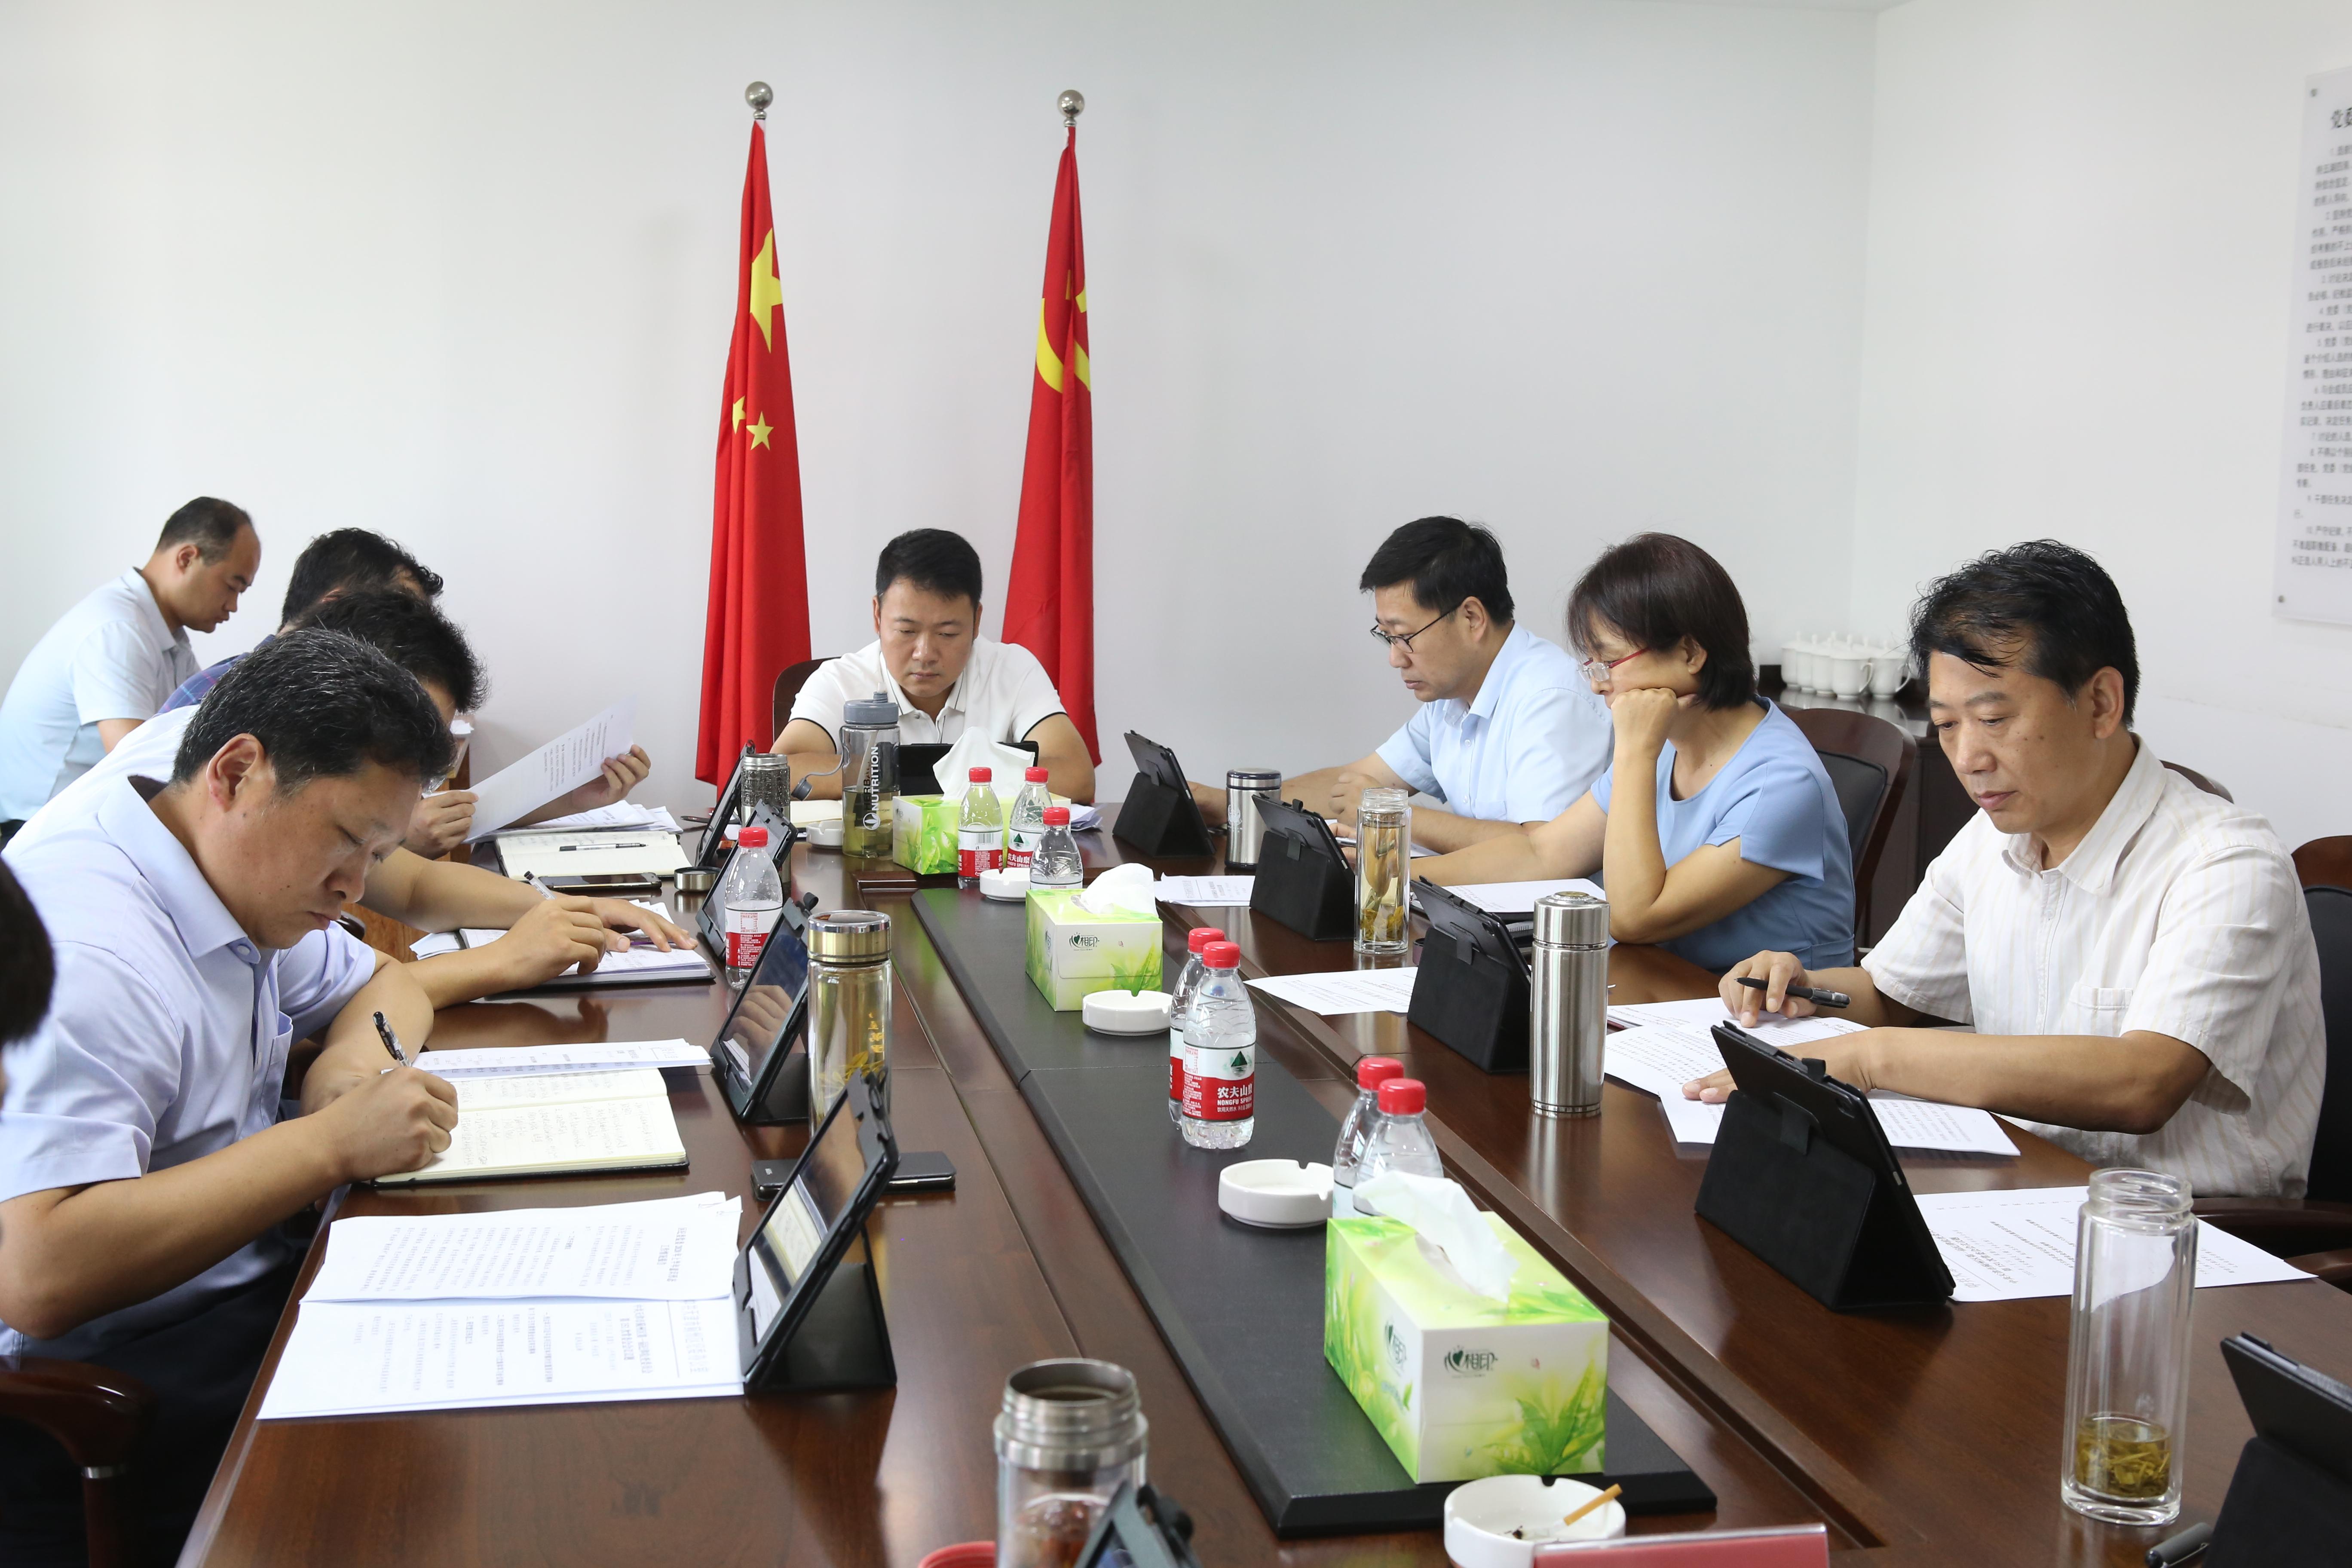 区纪委常委会召开专题会议,研究推动意识形态工作